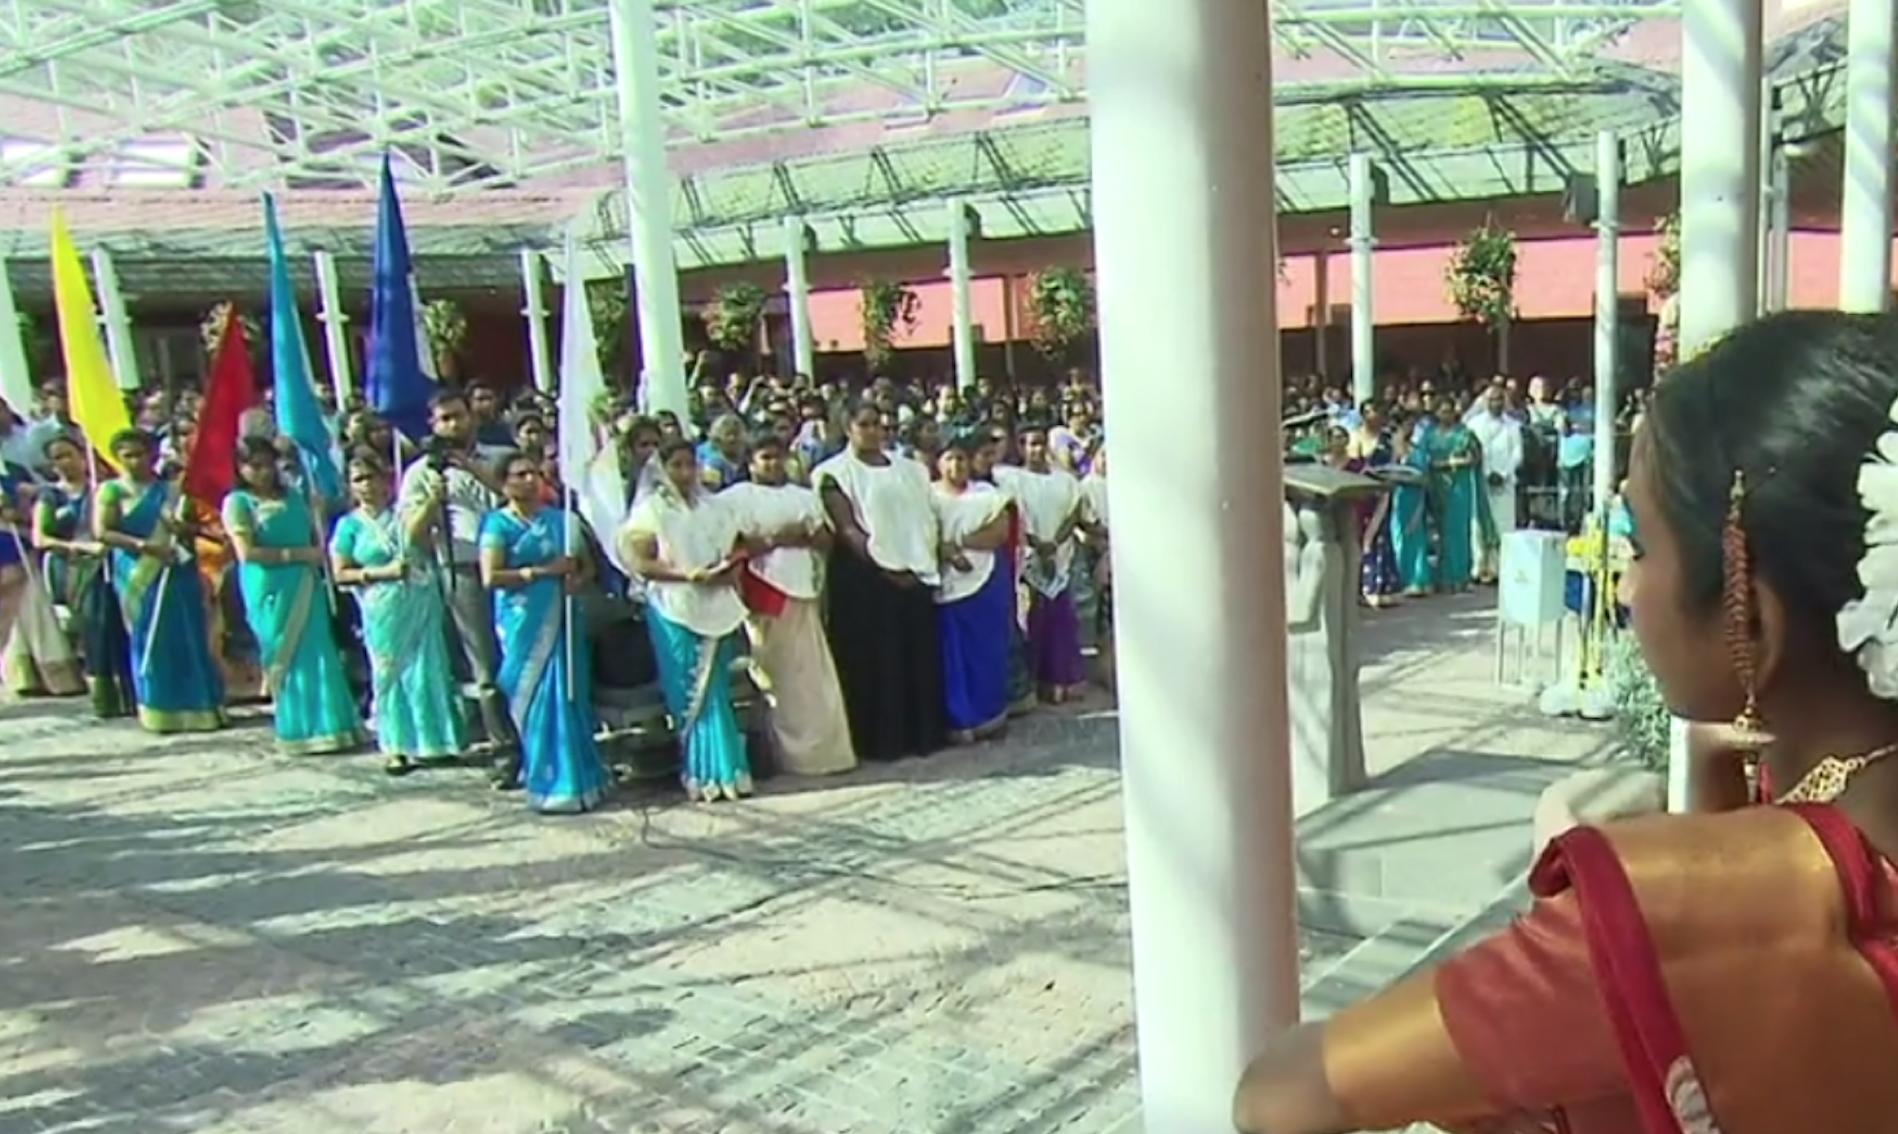 Kevelaer am Niederrhein: Die Wallfahrt der Tamilen 2018